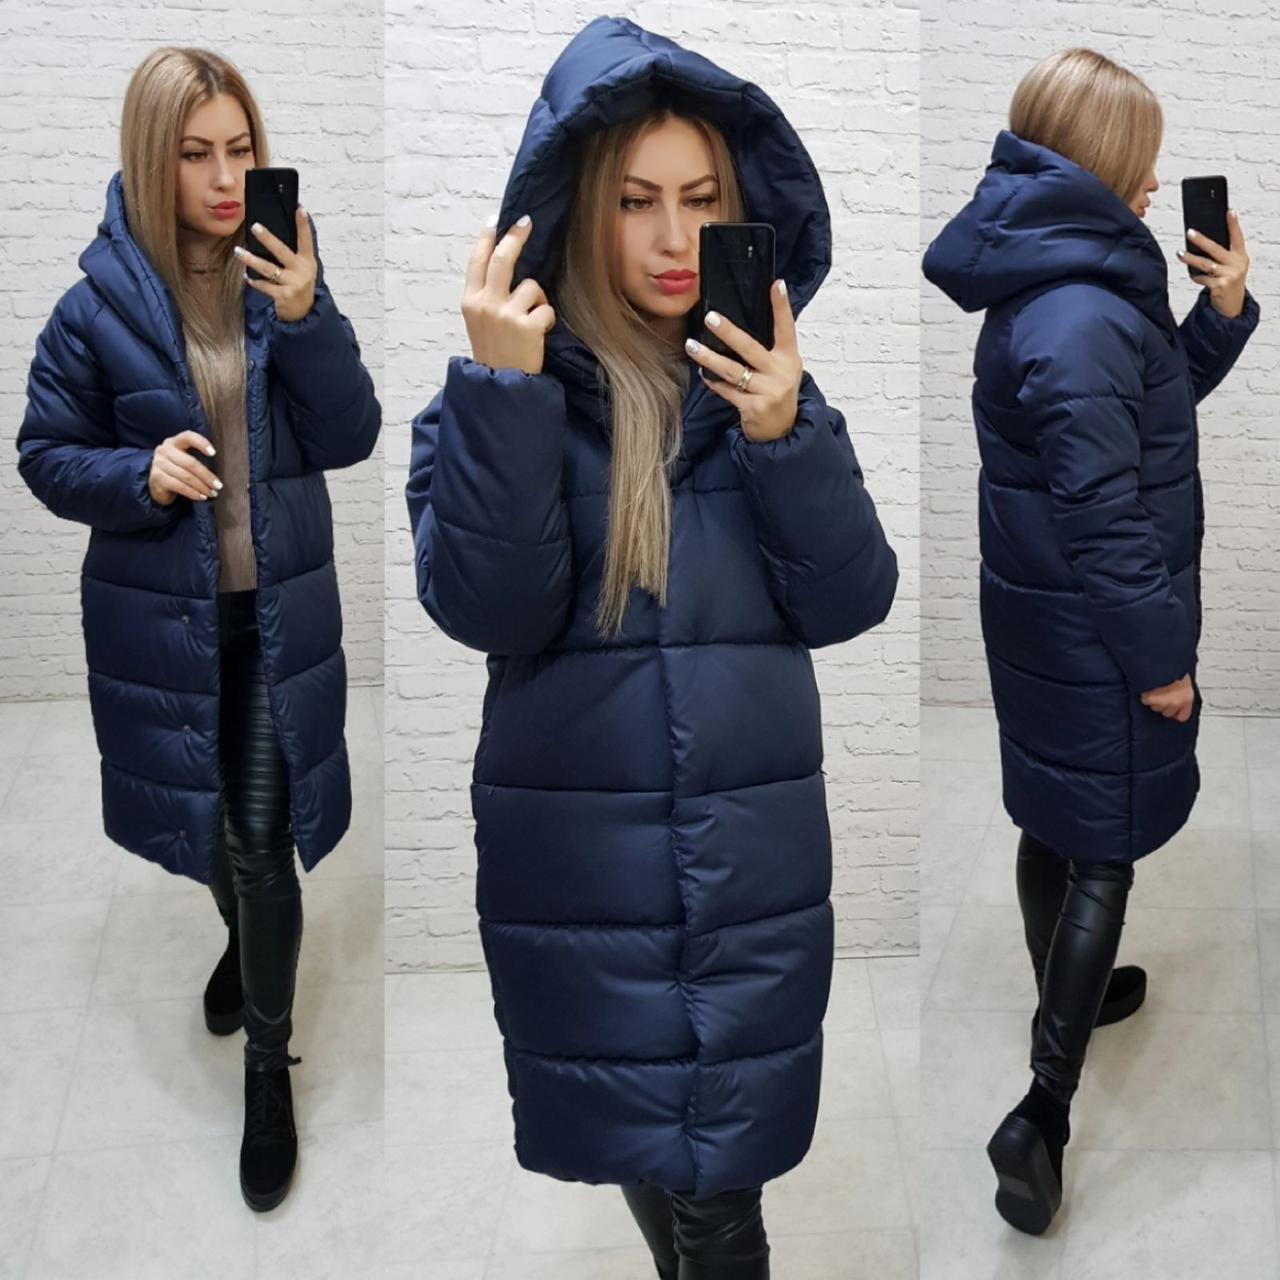 НОВИНКА! Куртка Oversize зимова, артикул 530, колір-королівський синій